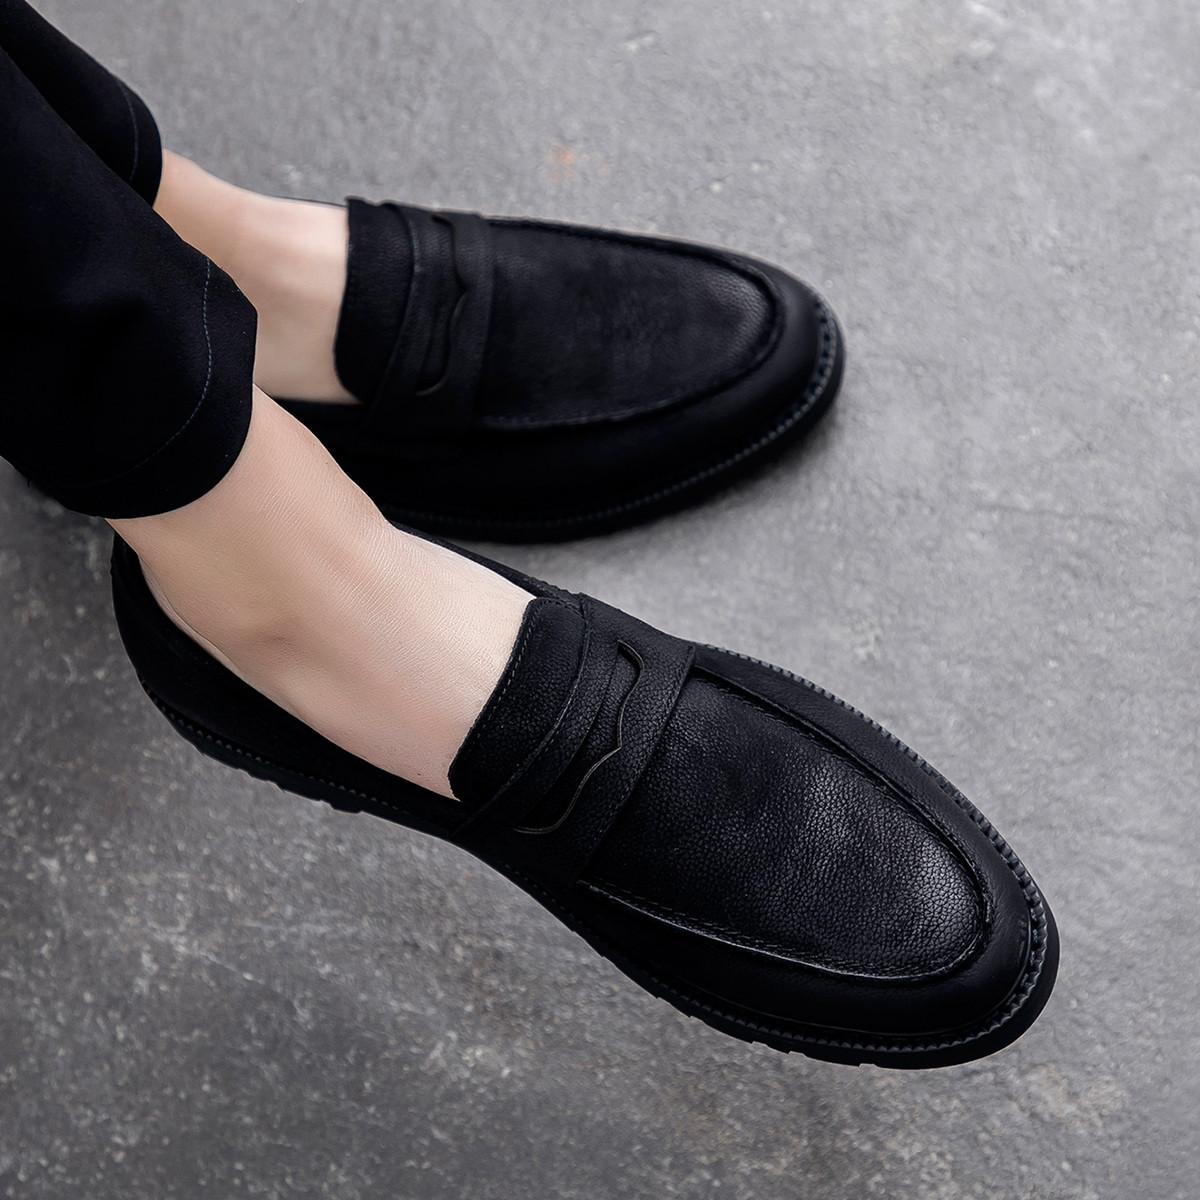 波尔谛奇秋季新款男鞋简约英伦舒适套脚乐福鞋男士皮鞋子男商务休闲鞋K8X70011-3-H1